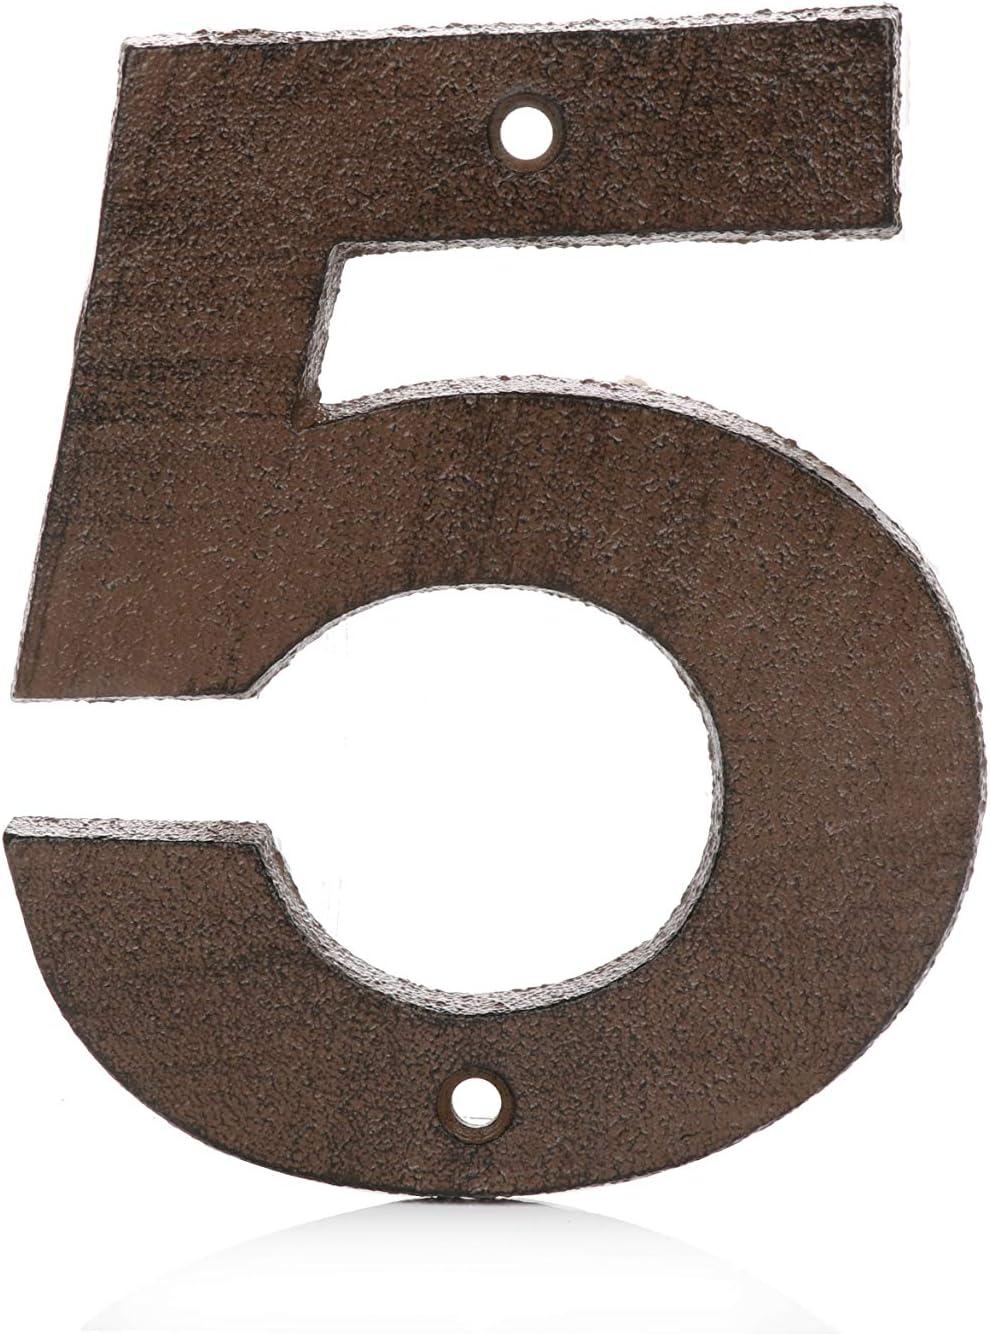 Pristine Números de casa de 12.5cm – hierro fundido, acabado negro desgastado para uso al aire libre (5, Marrón óxido)